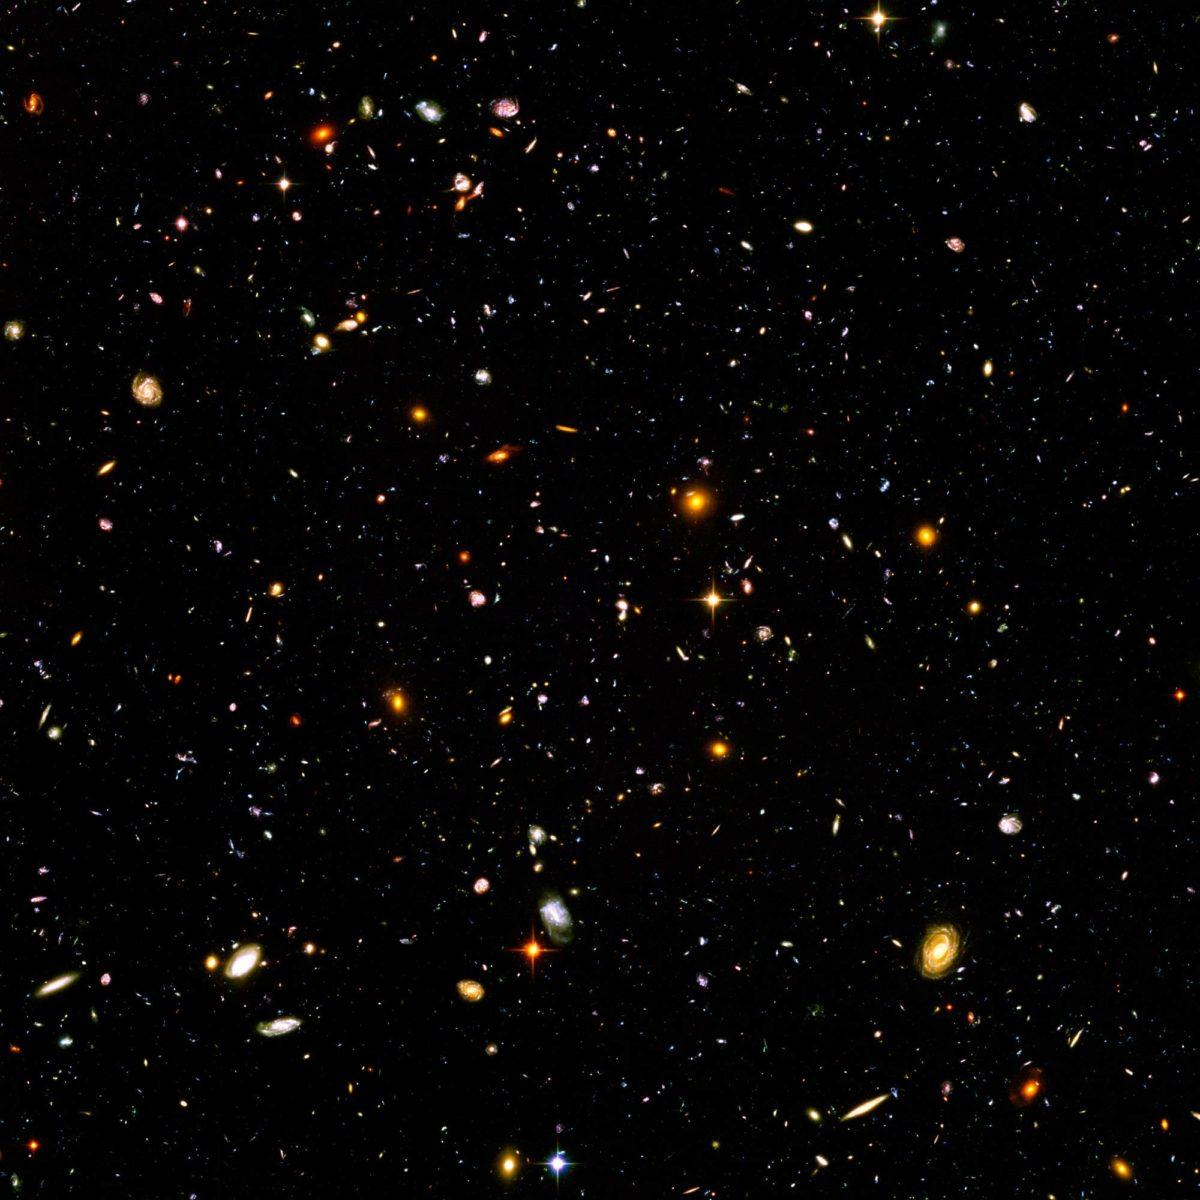 Näemme vain viisi prosenttia universumin massasta, loppu on tuntematonta ainetta tai energiaa.